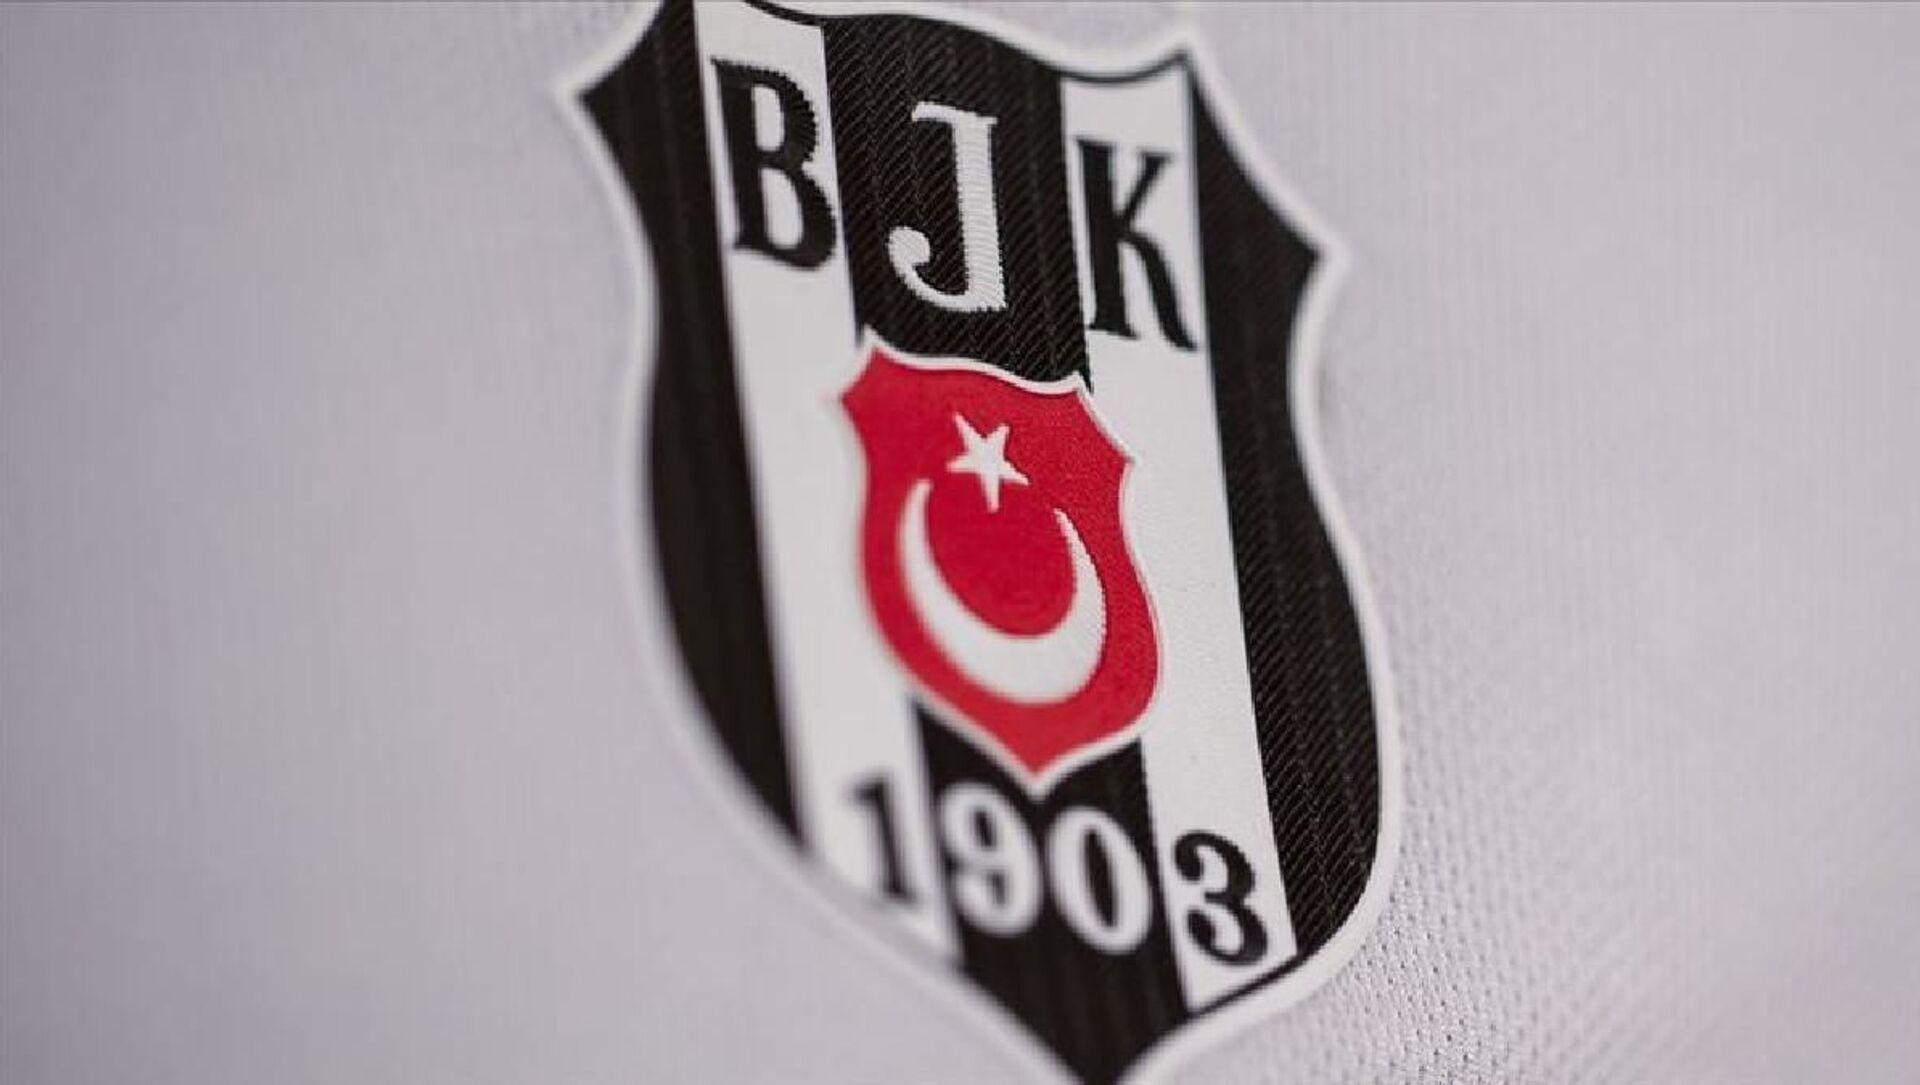 Beşiktaş, BJK - Sputnik Türkiye, 1920, 02.02.2021